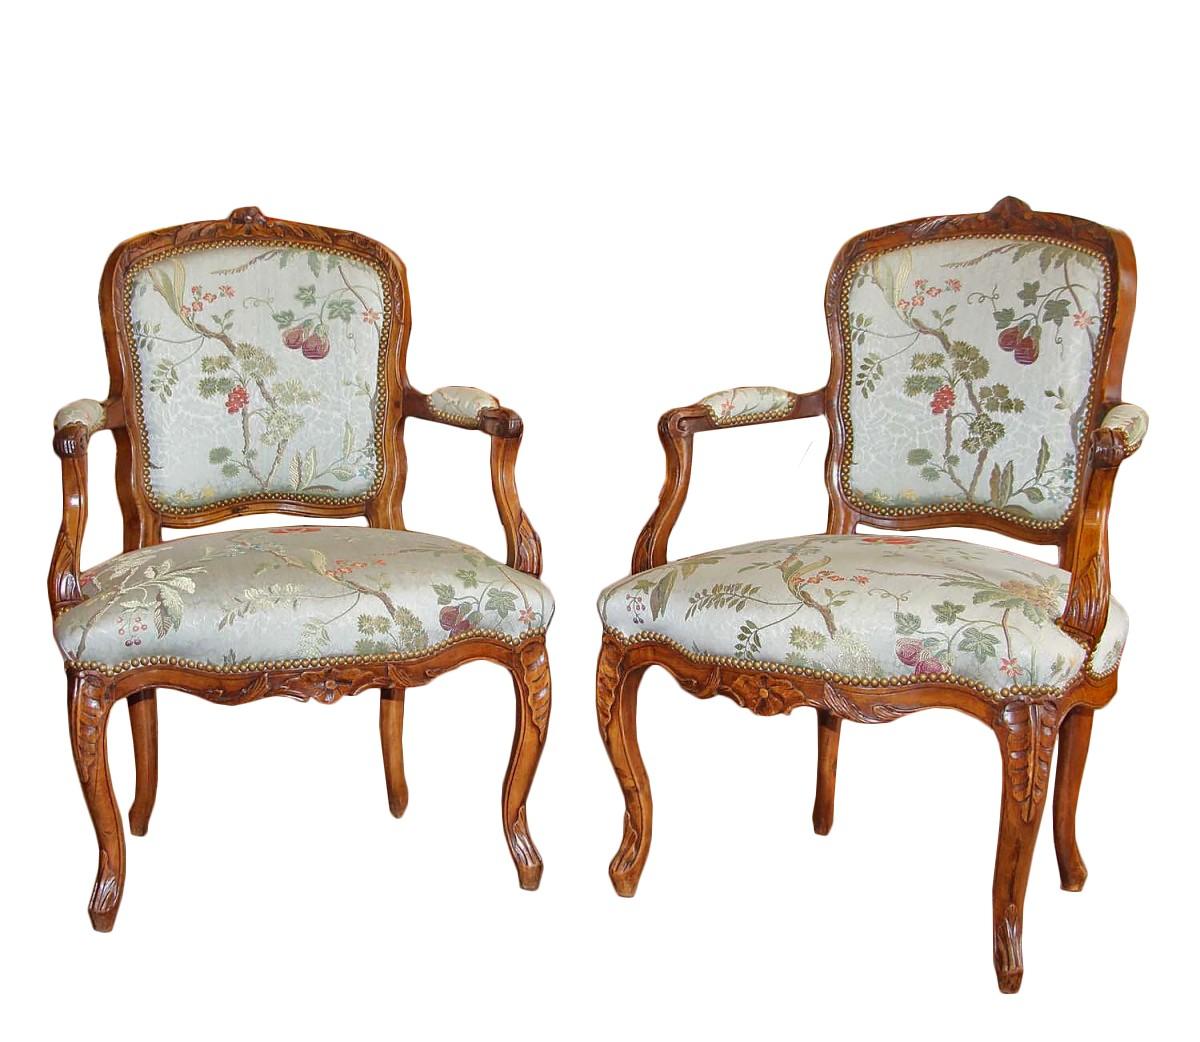 paire de fauteuils cabriolet dpoque louis xv - Cabriolet Fauteuil